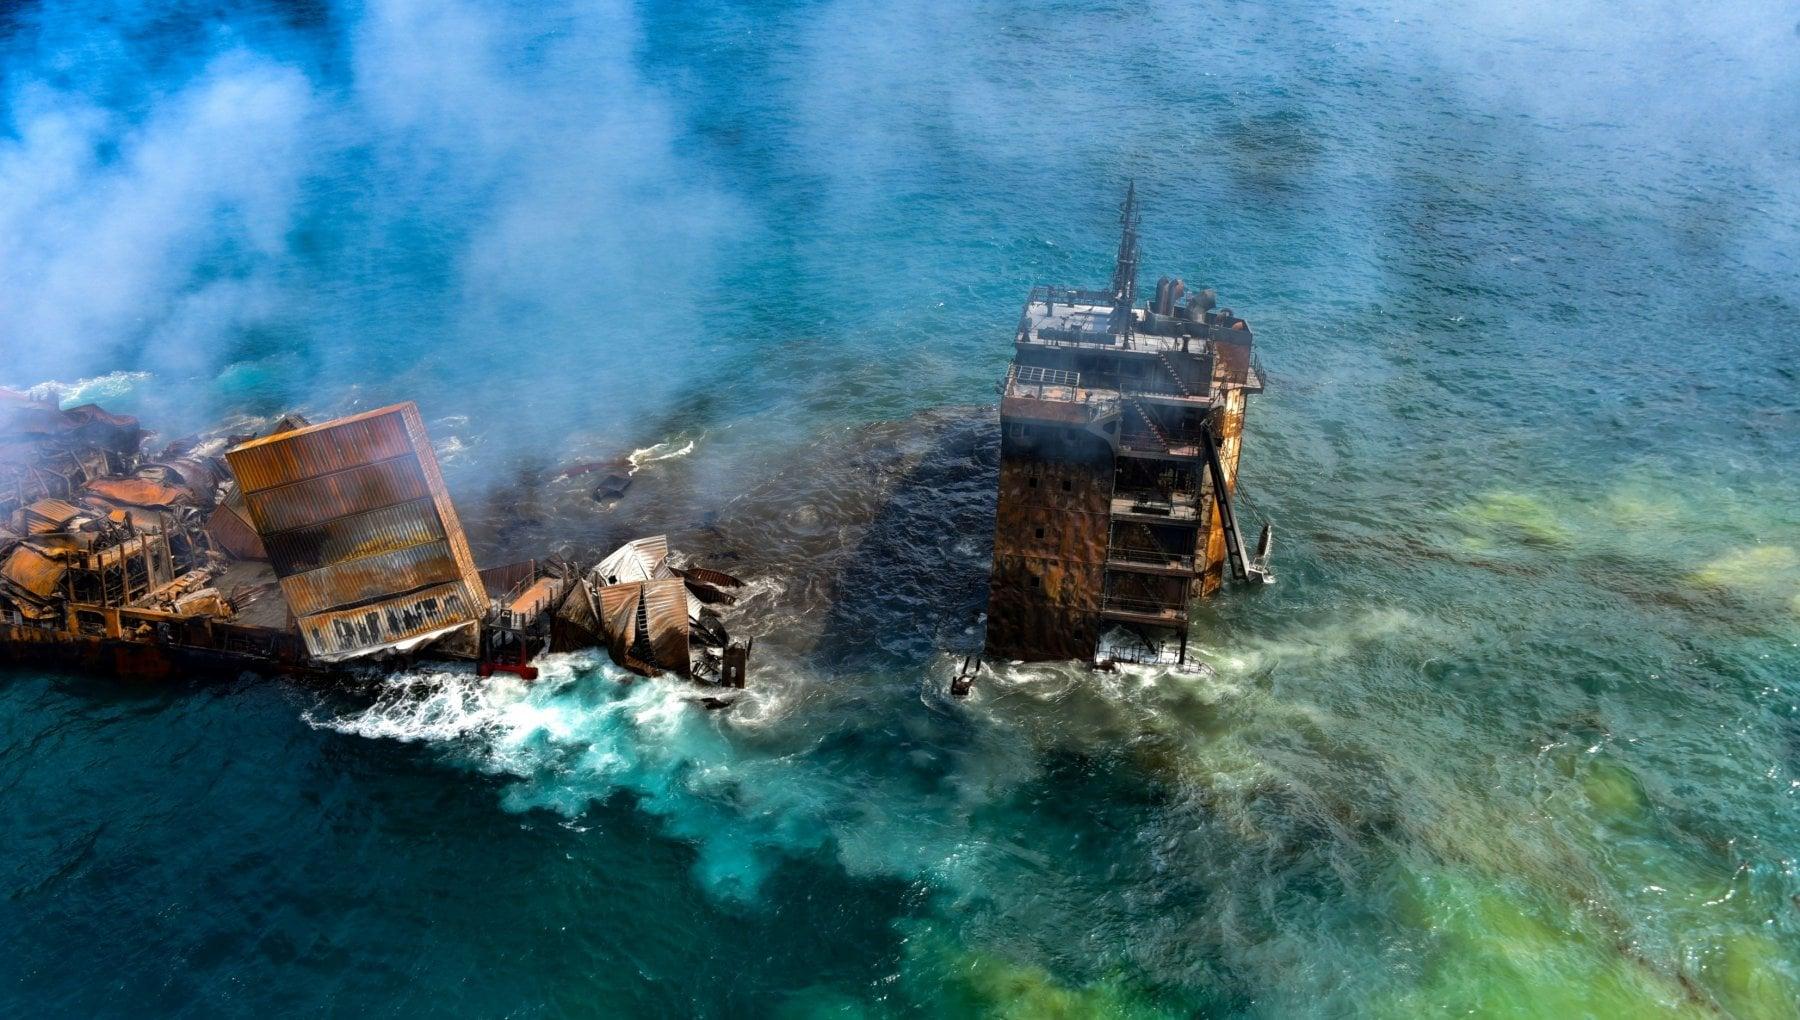 """133751622 6e93d02e 5bee 4d1a bf3e 6fad69aeb304 - Il disastro della nave """"MV X-Press Pearl"""": lo Sri Lanka minacciato da centinaia di tonnellate di gasolio"""